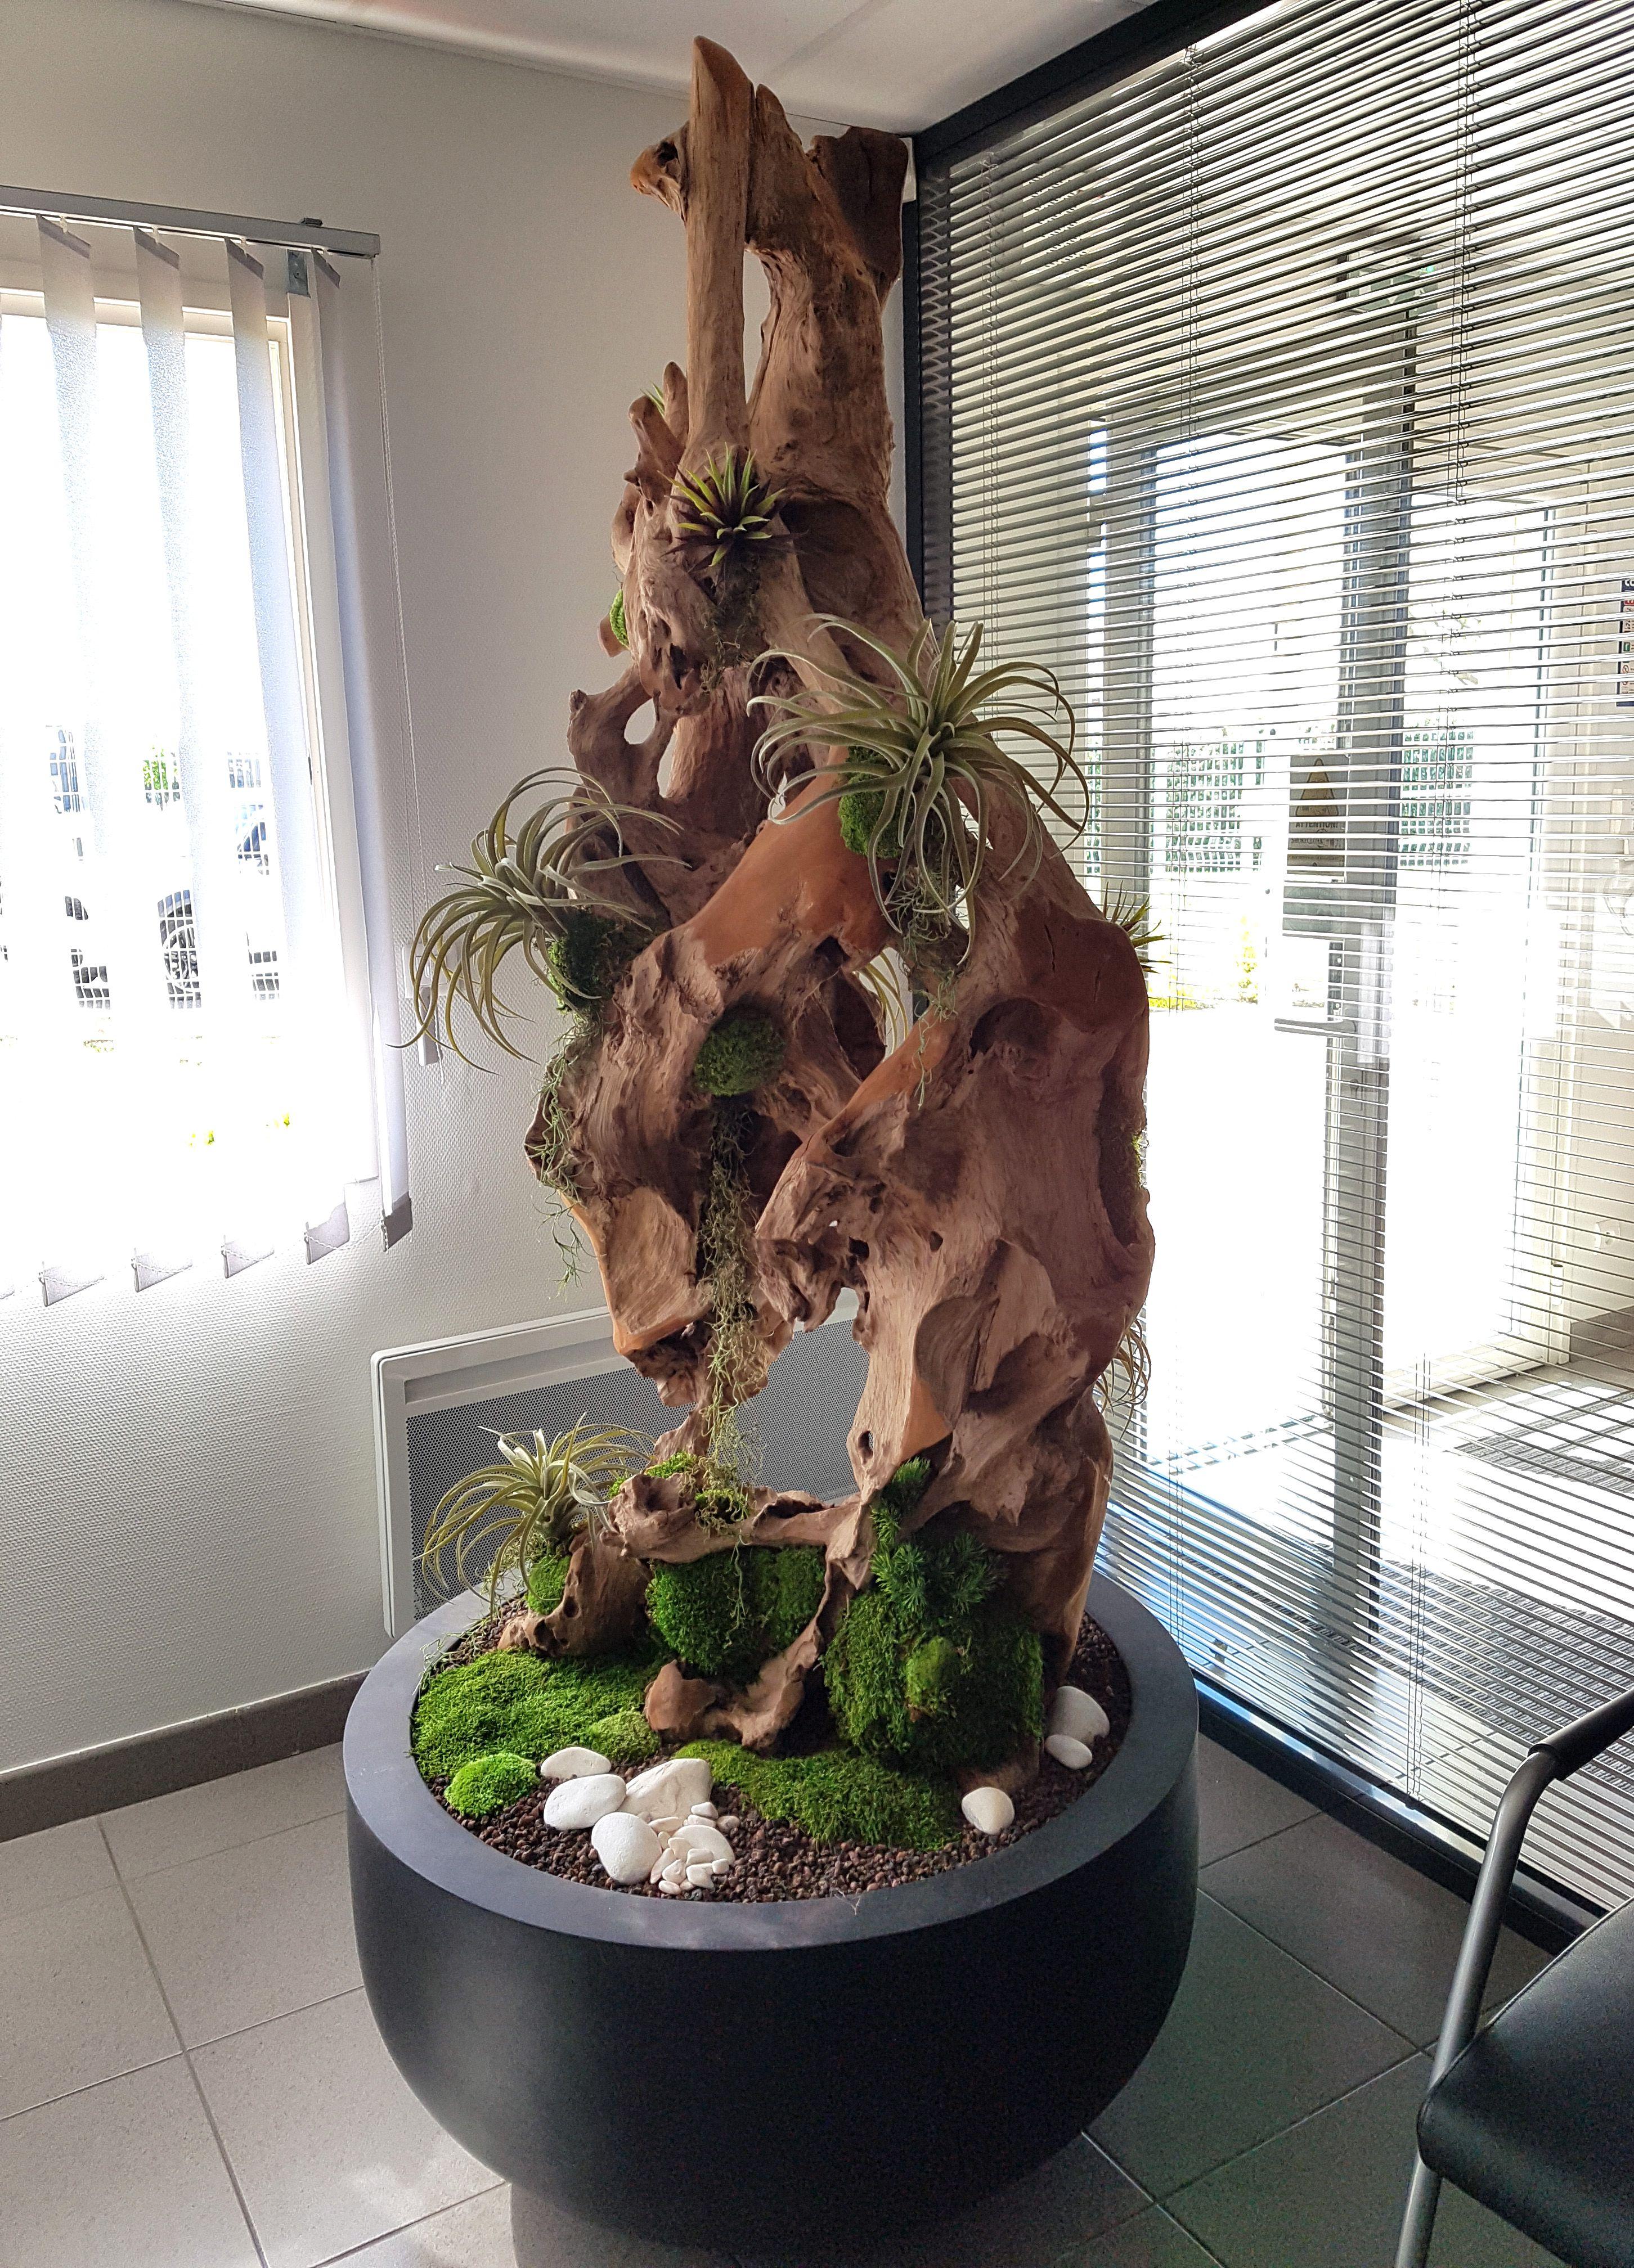 Plantes Pour Tableau Végétal Intérieur in'flor - #création #bois #aménagement #végétal intérieur